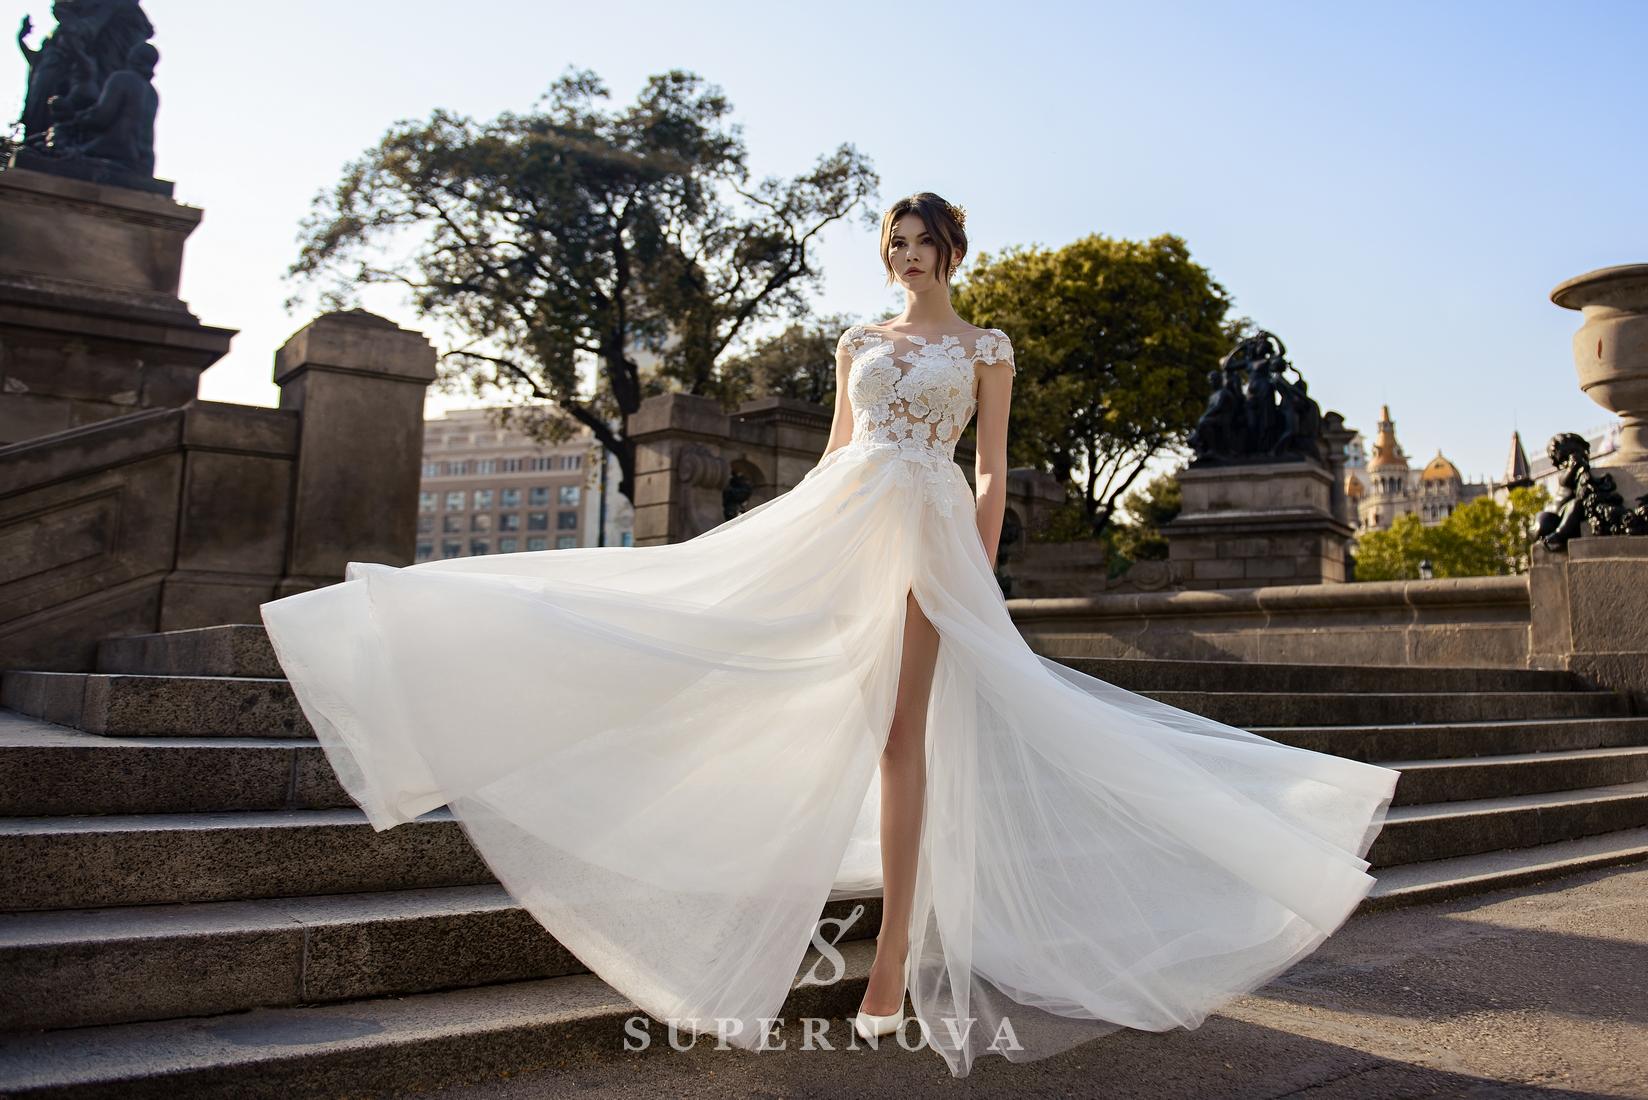 Легка весільна сукня від SurepNova оптом-1